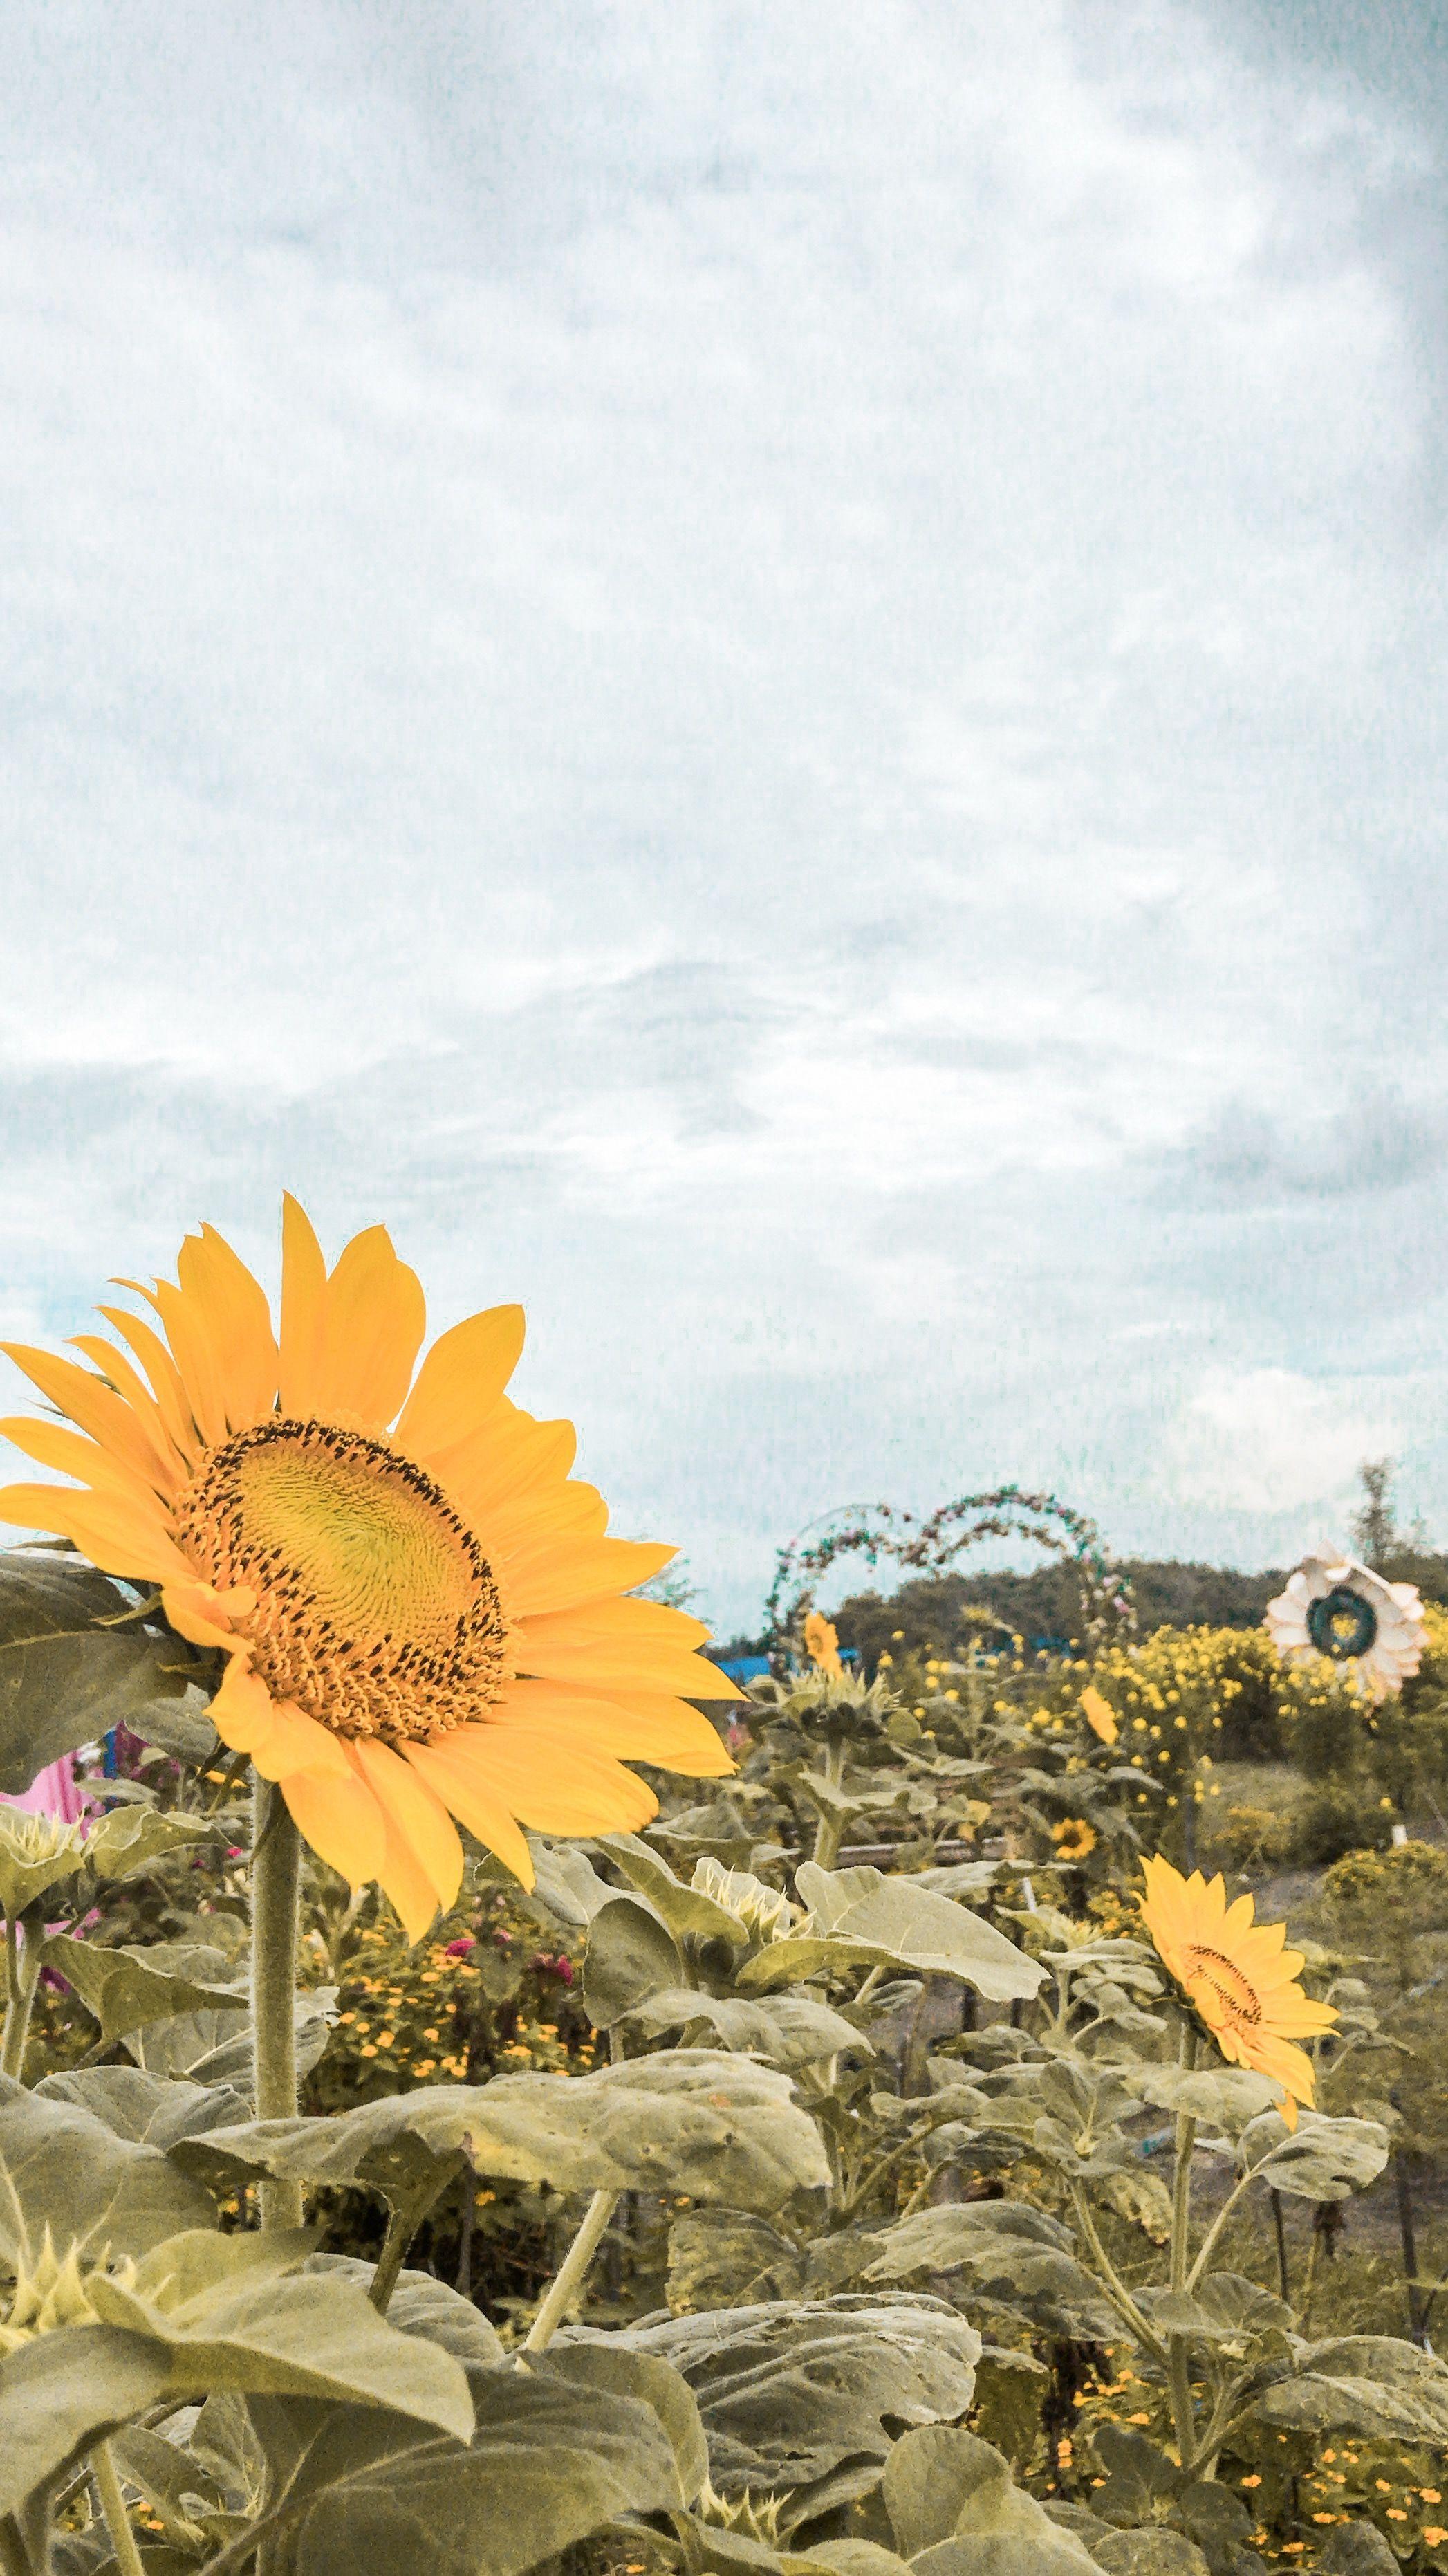 100.000+ Gambar Taman Bunga & Bunga Gratis - Pixabay